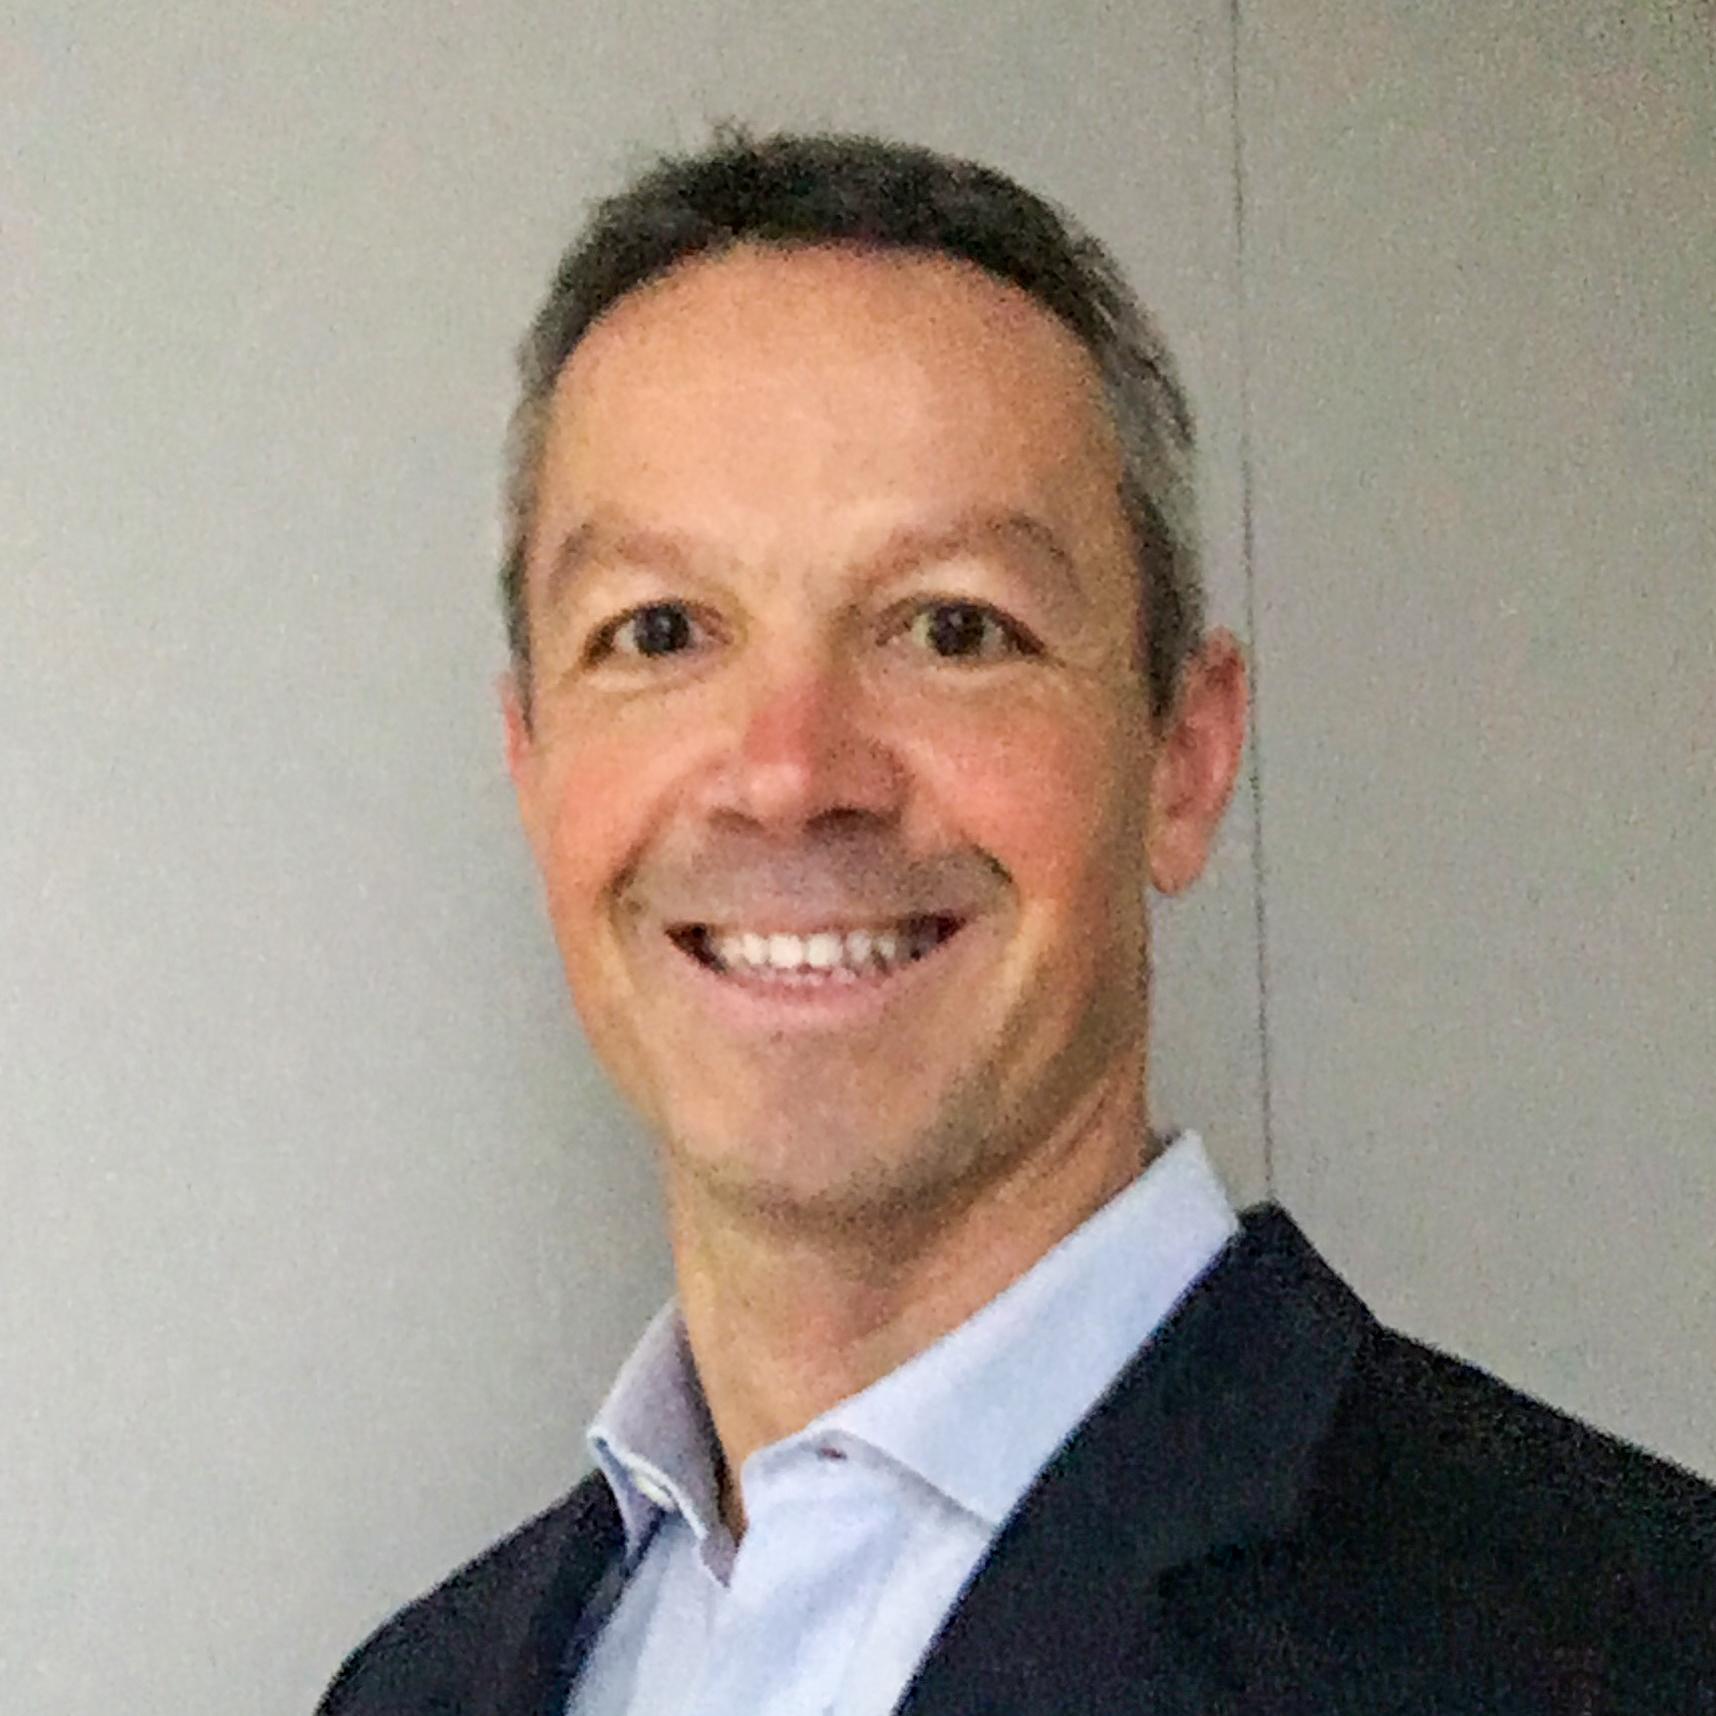 Guillaume Machefaux - Vice President, Sales EMEA